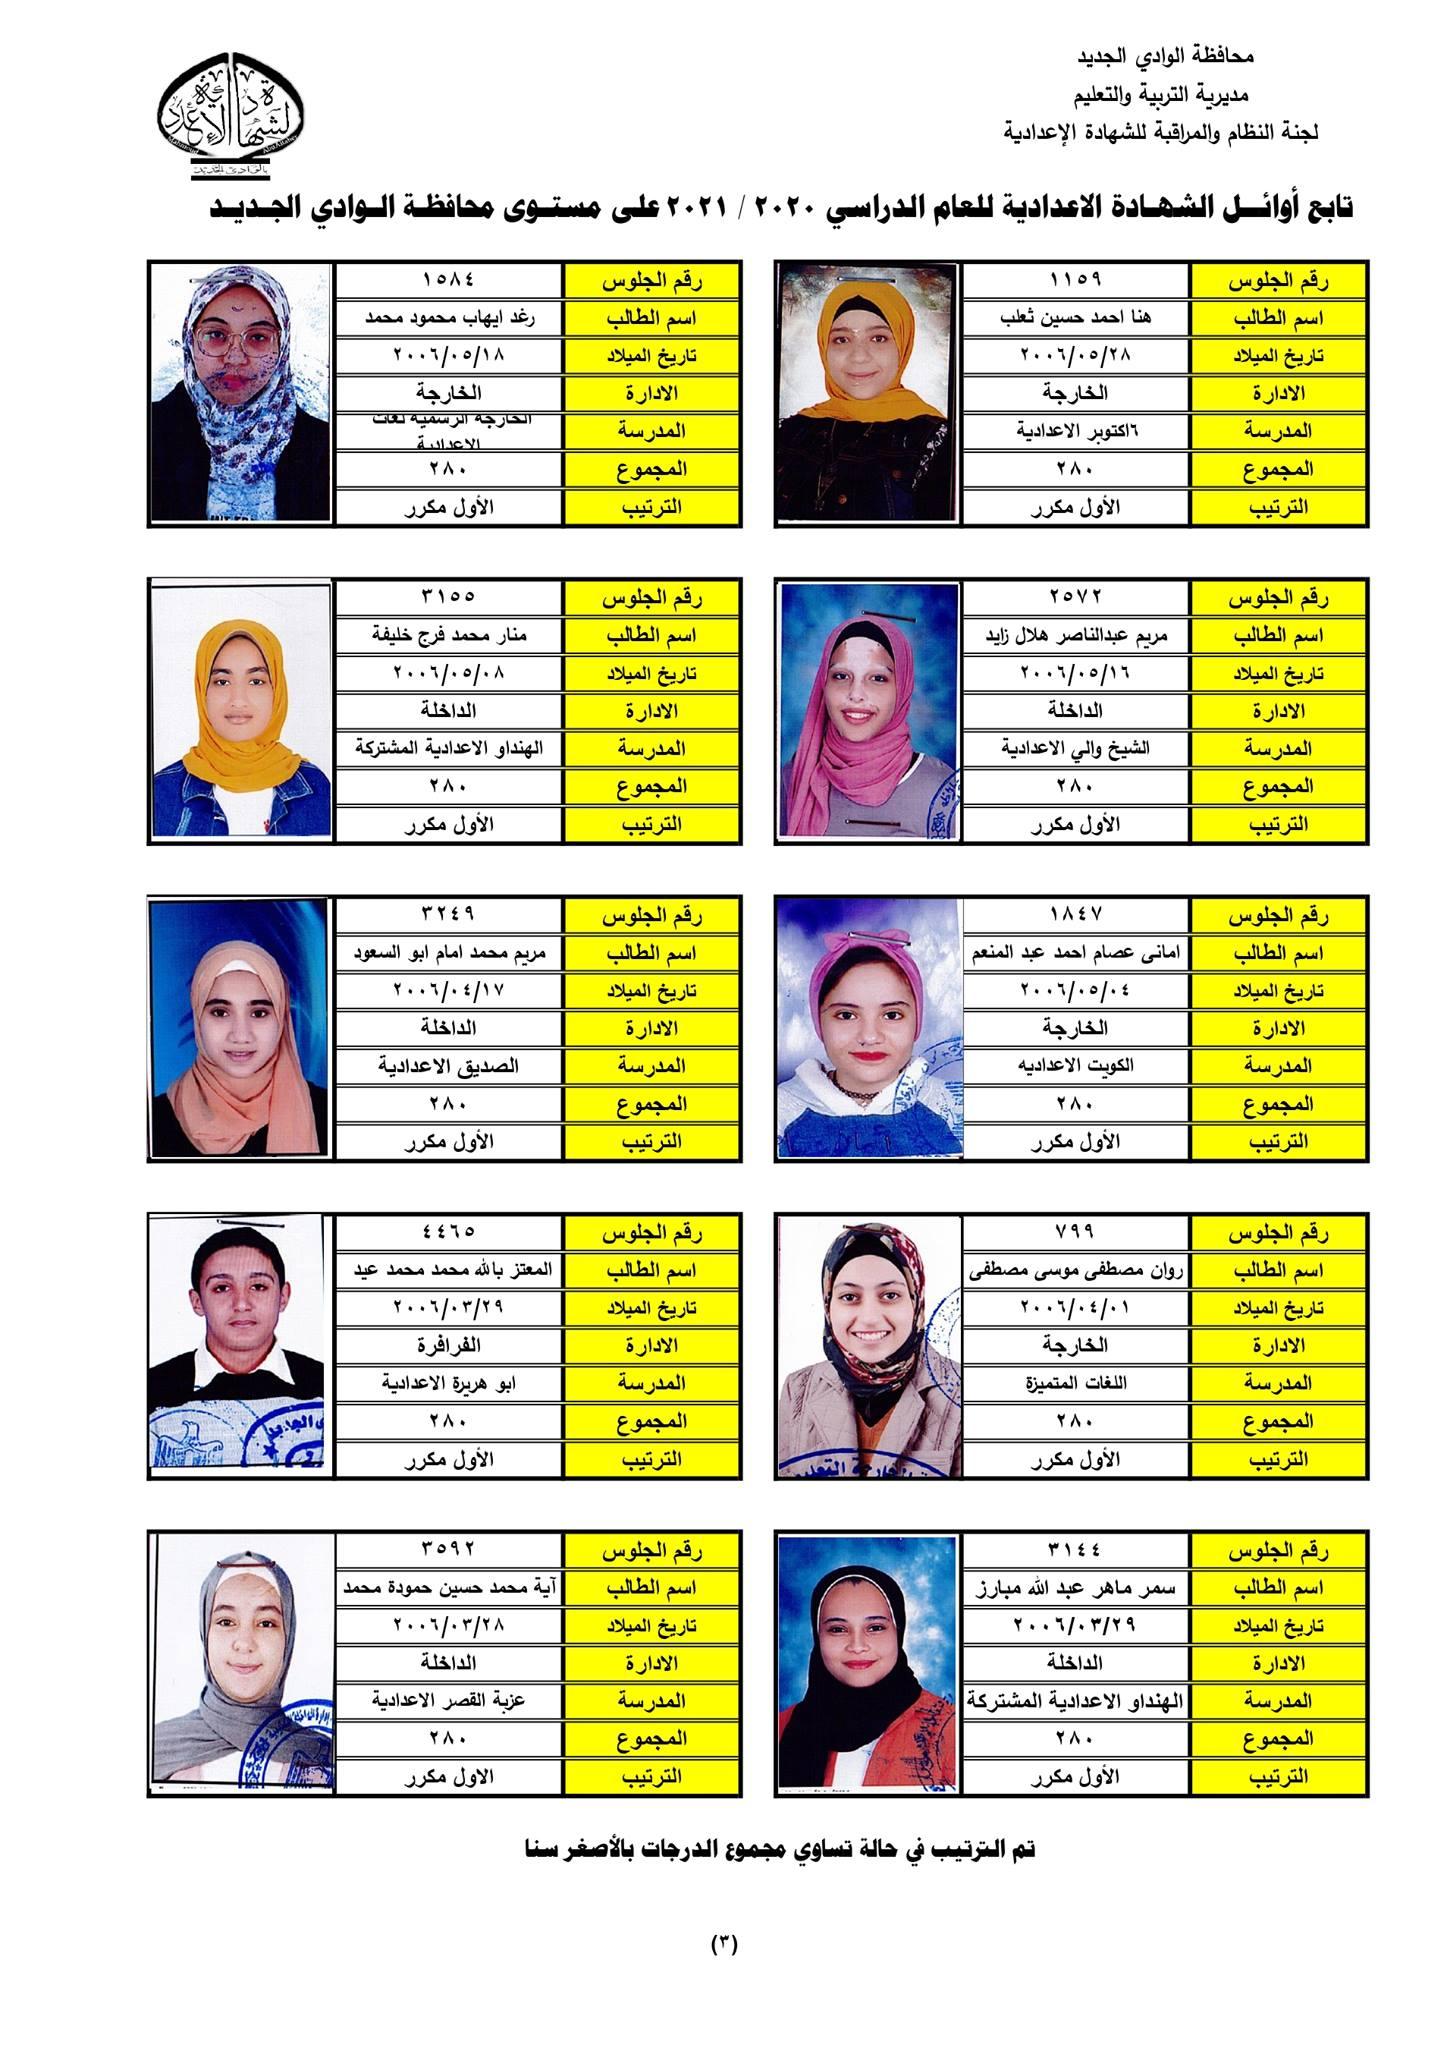 نتيجة الشهادة الإعدادية 2021 محافظة الوادي الجديد  7